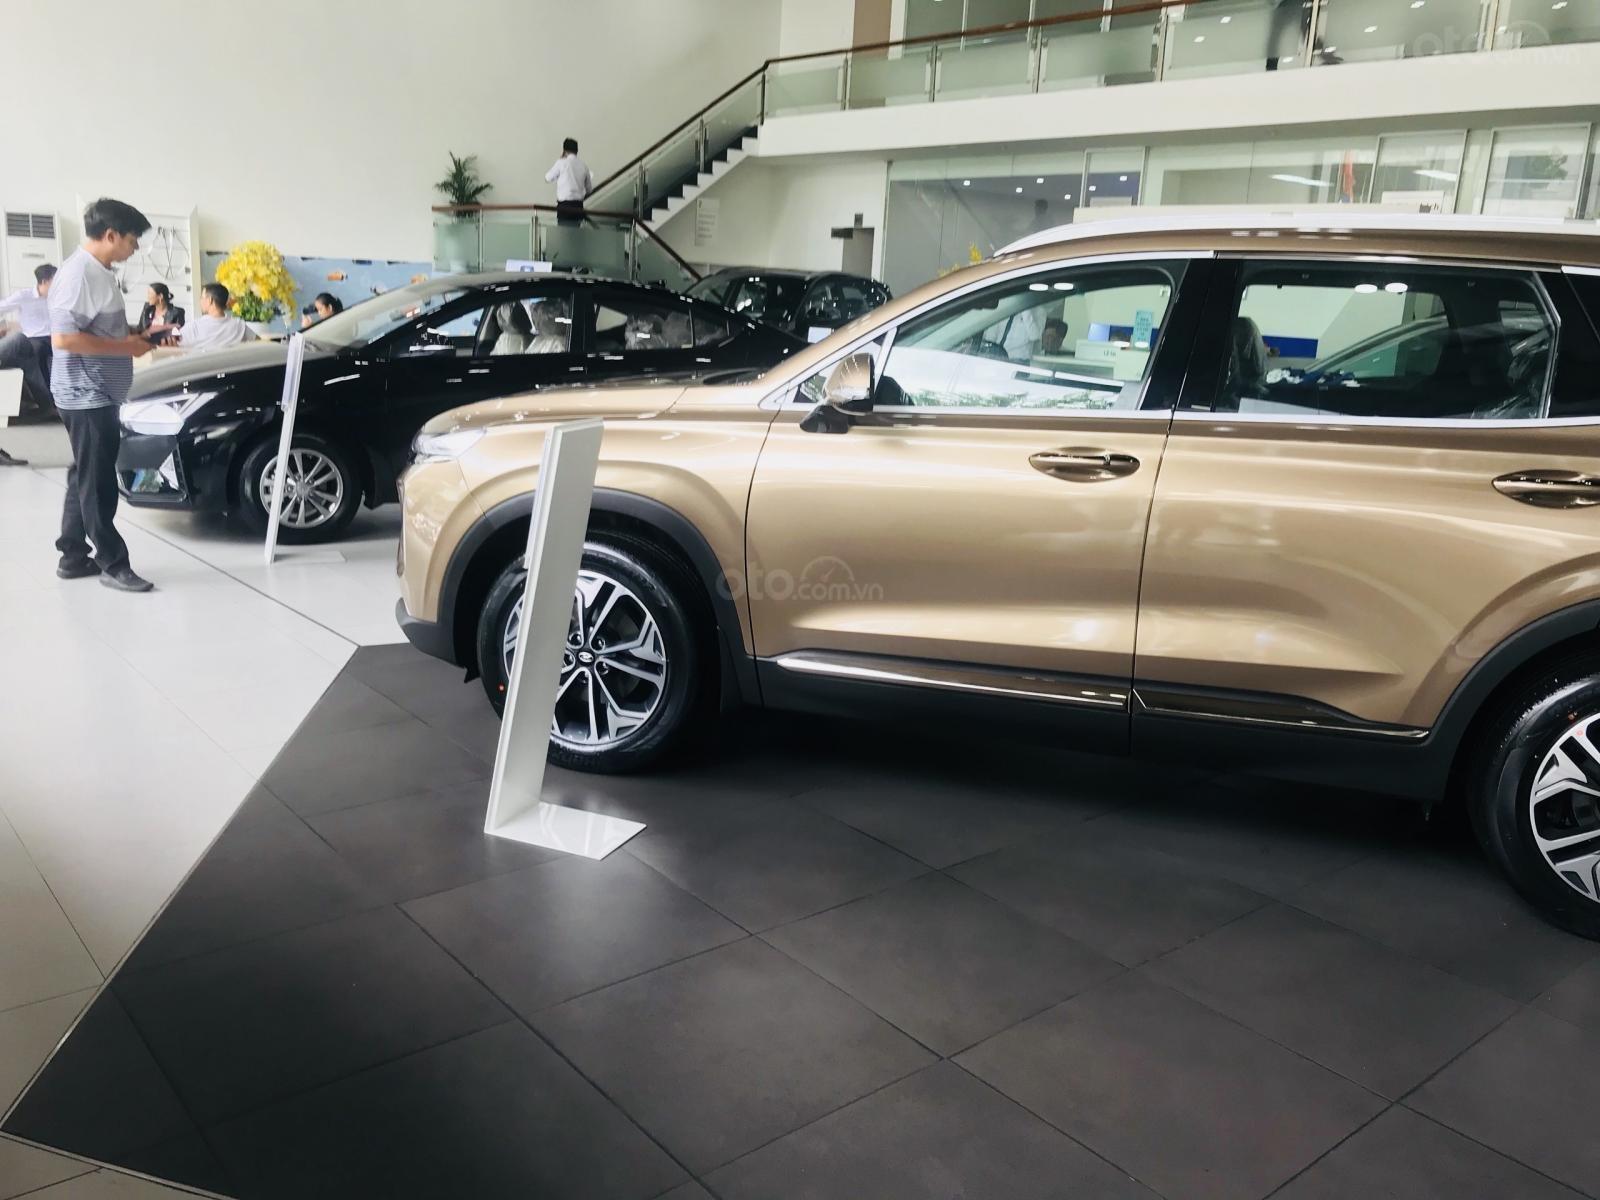 Giao xe ngay - Siêu khuyến mãi lớn 20 triệu tiền mặt khi mua Hyundai Santafe 2019, hotline: 0974 064 605 (3)